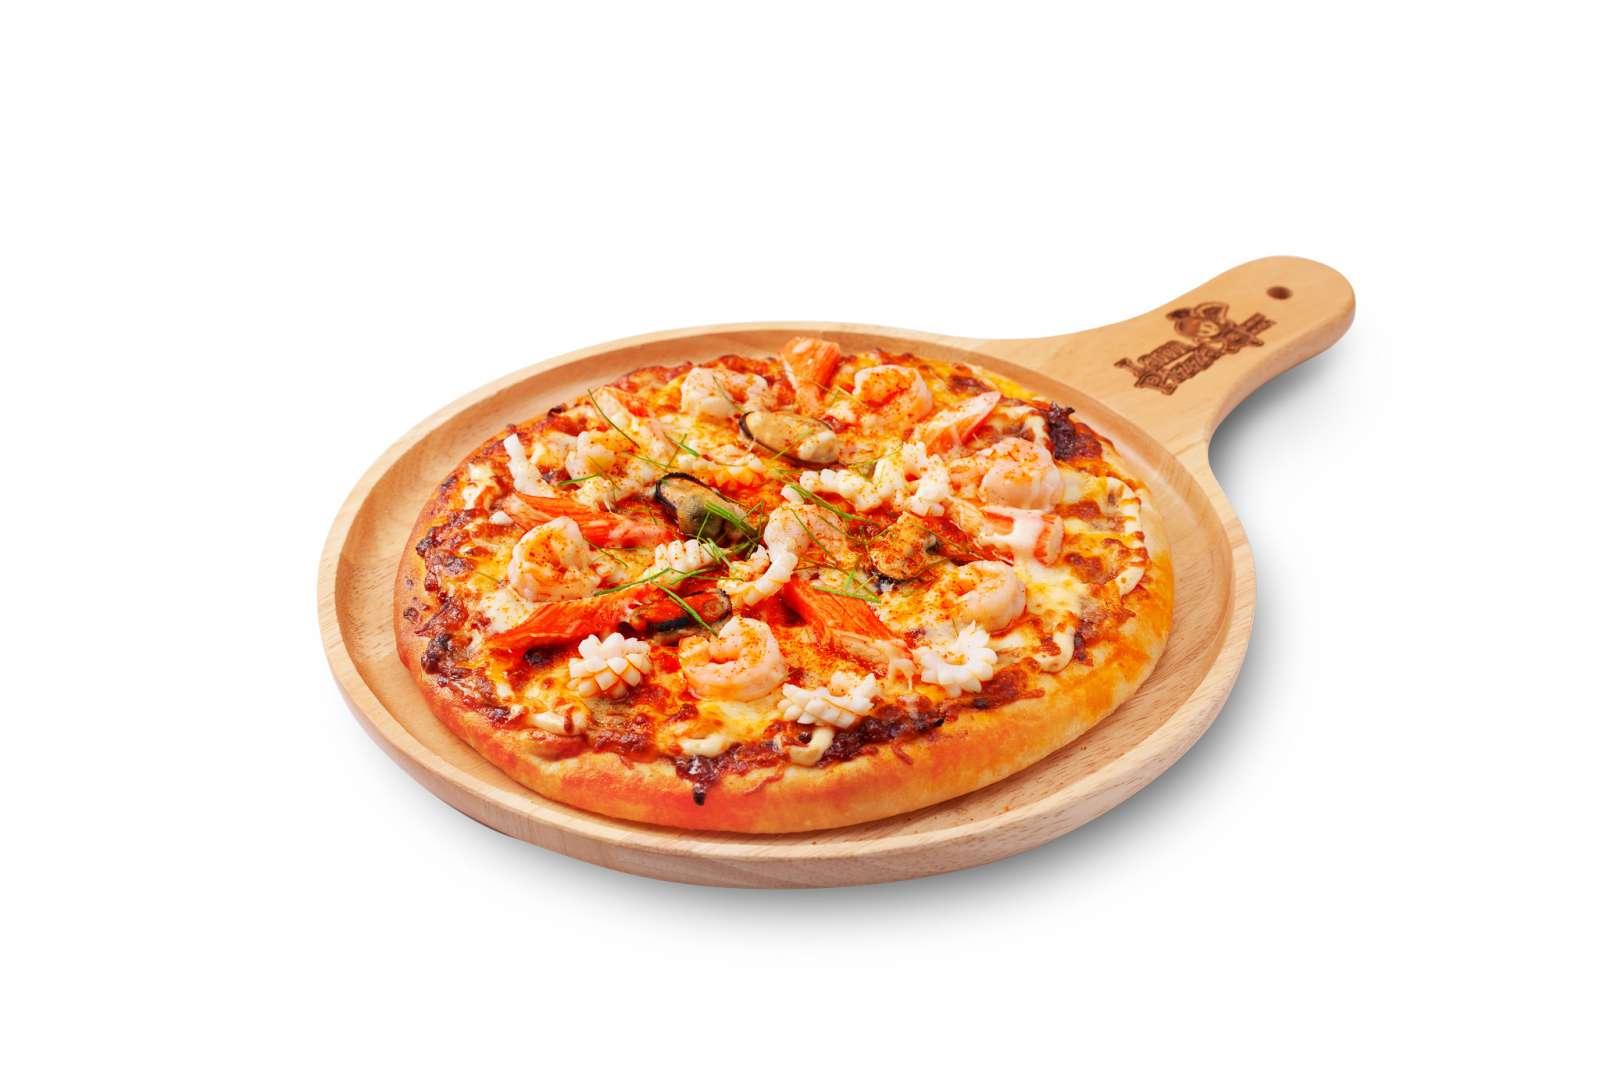 พิซซ่าหน้าต้มยำซีฟู้ด (Pizza Tomyum Seafood)